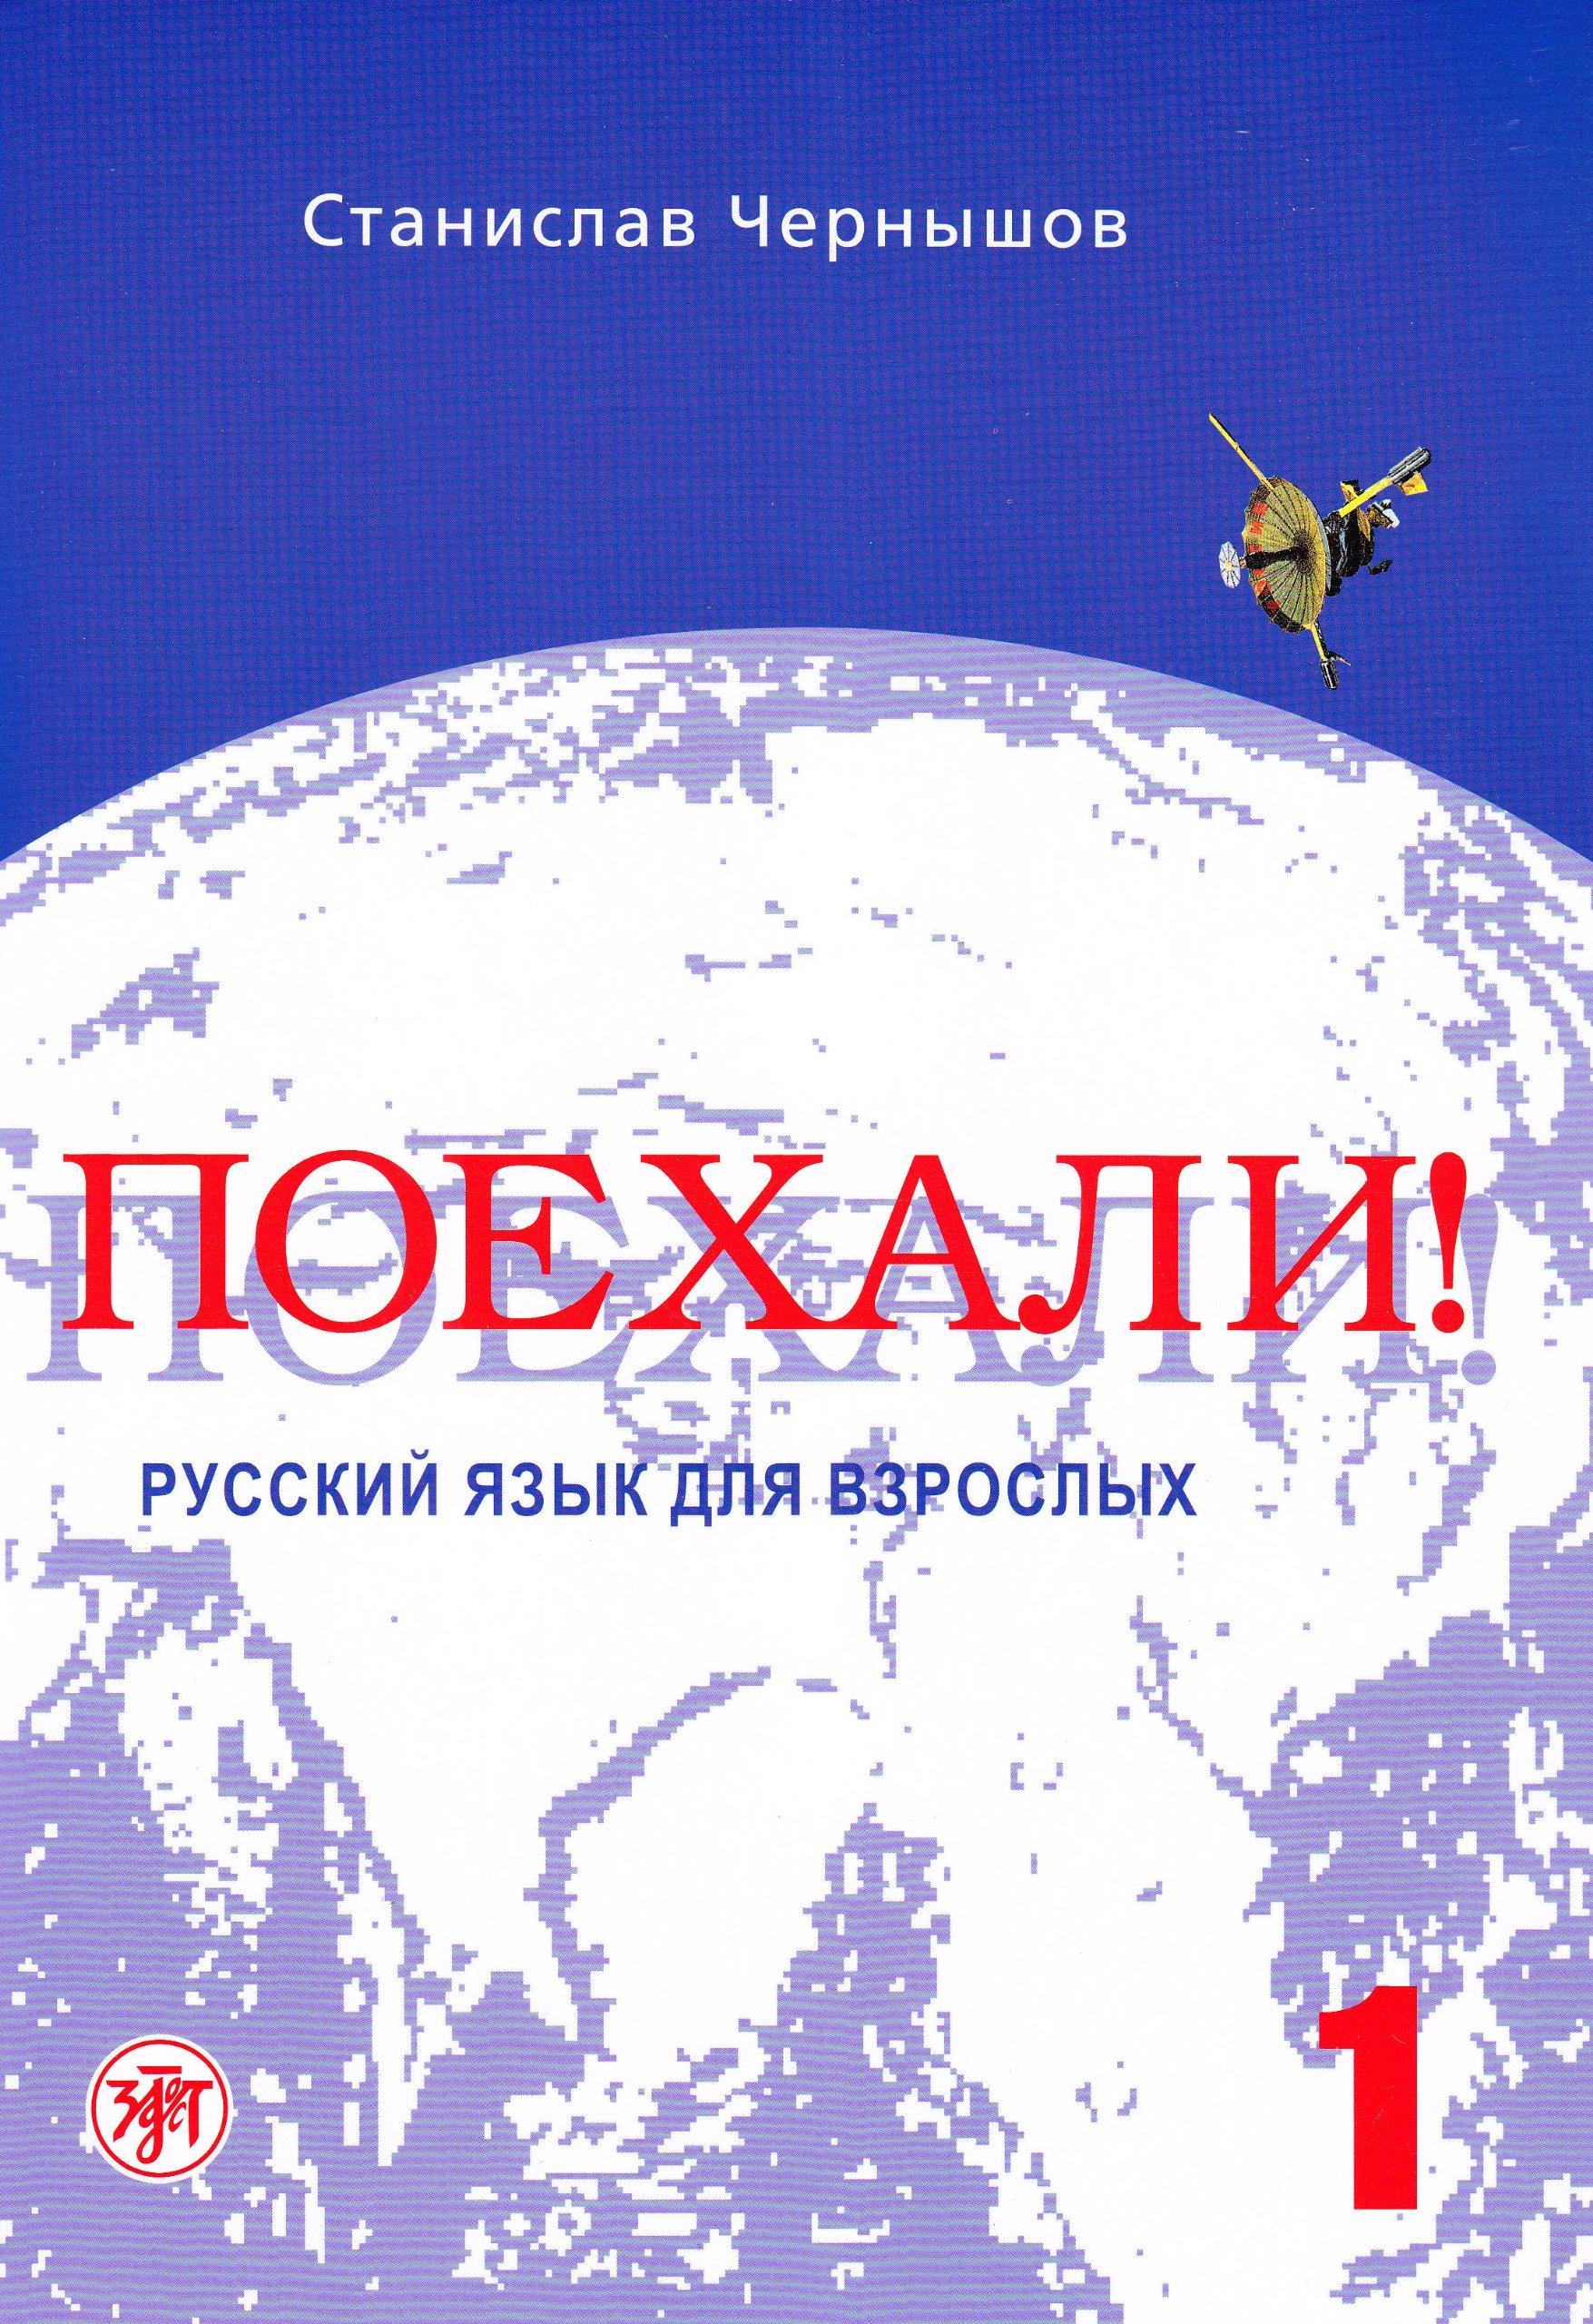 Поехали! -1 Русский язык для взрослых. Начальный курс. С.И. Чернышов